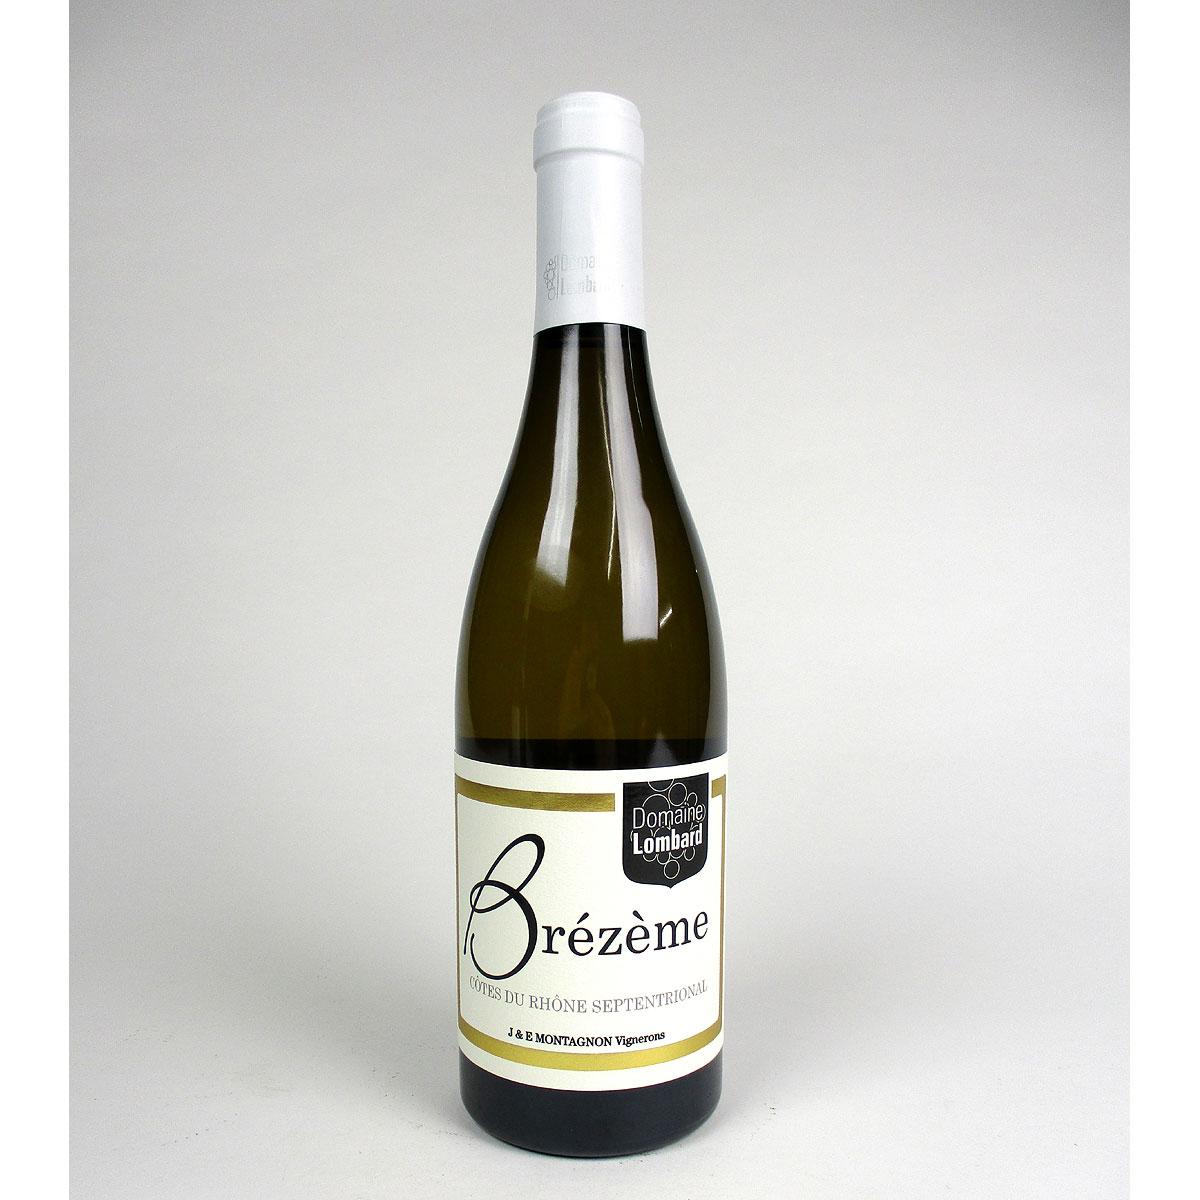 Brézème: Domaine Lombard Blanc 2019 - Bottle